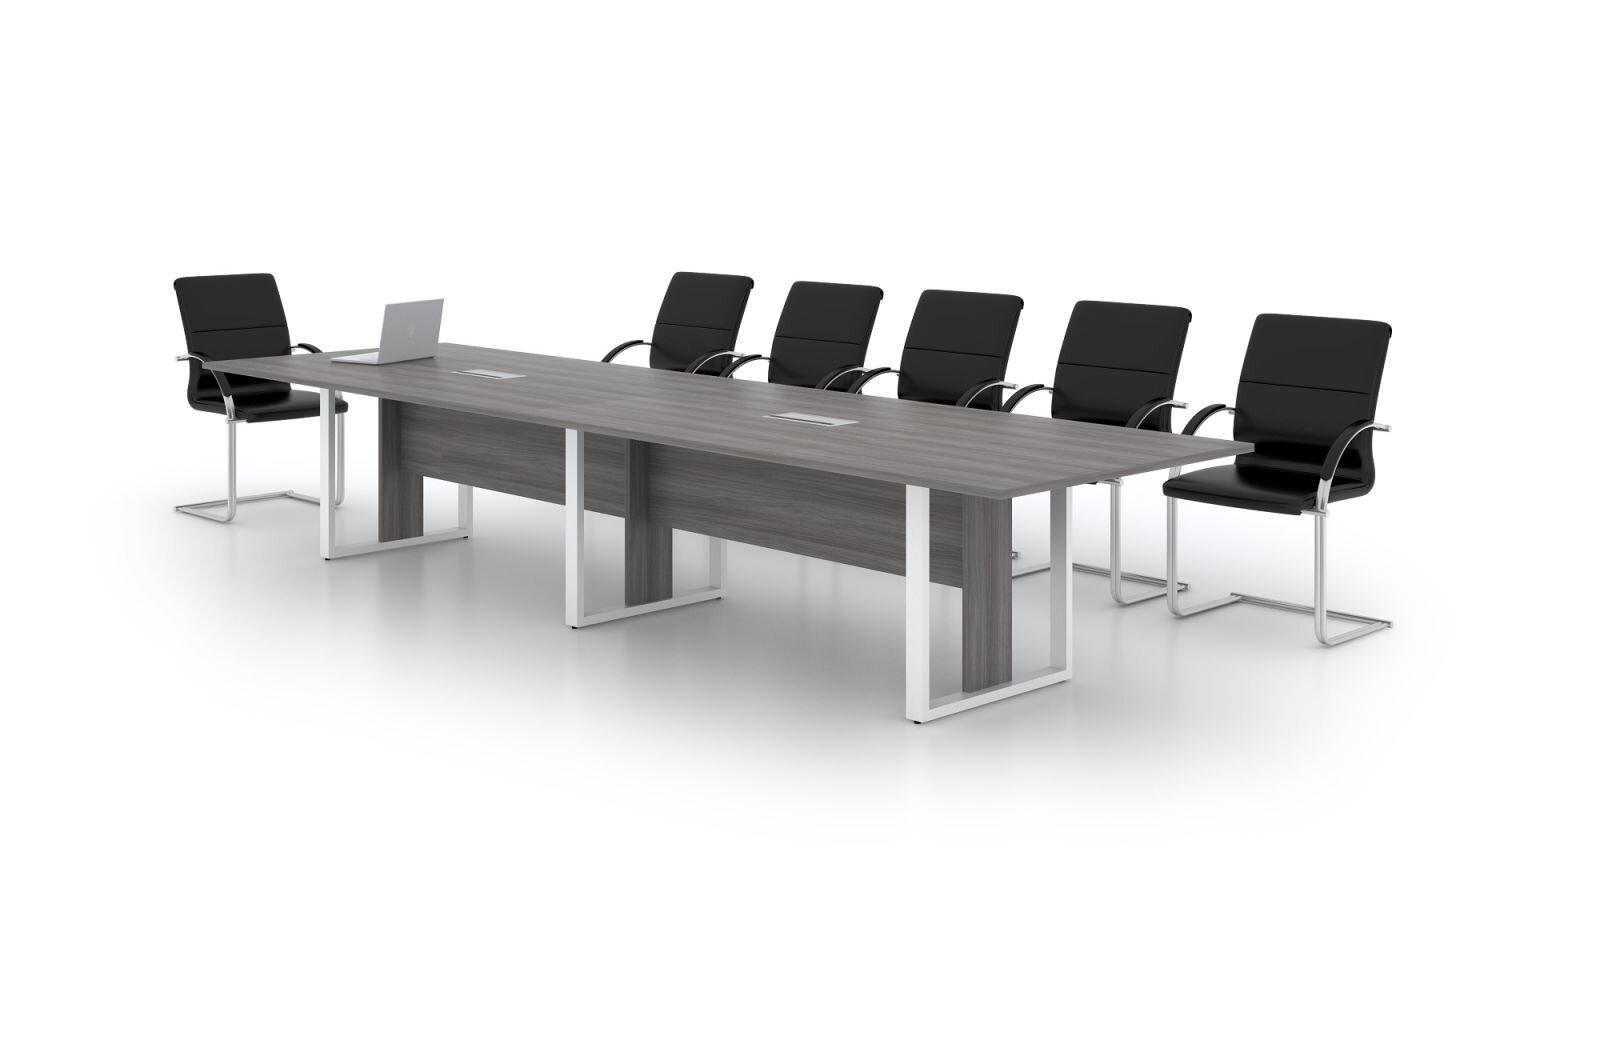 Bàn họp chân sắt có thiết kế hiện đại, phù hợp với nhiều văn phòng khác nhau